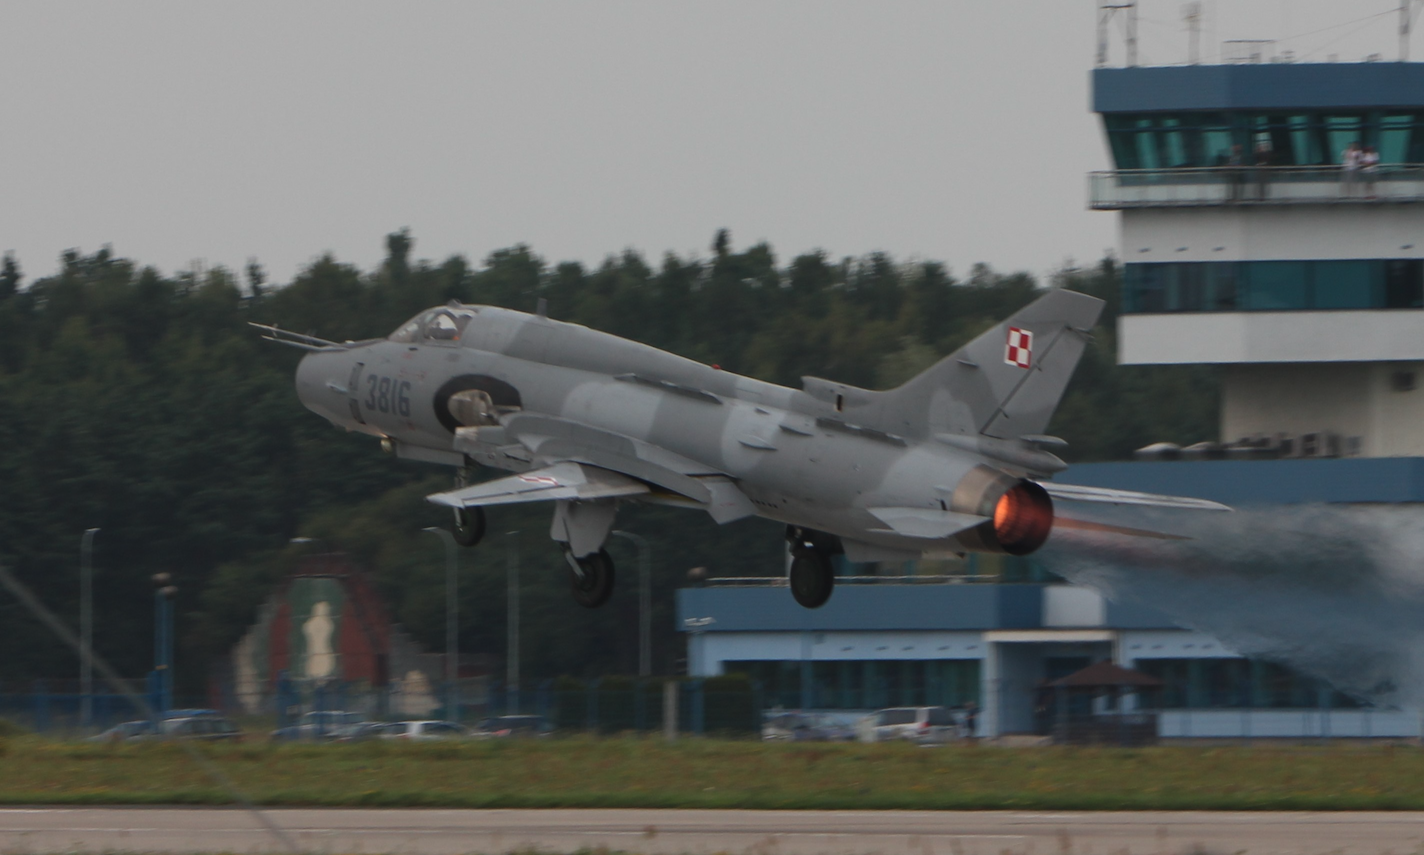 Suchoj Su-22 nb 3816. Babie Doły 2019 rok. Zdjęcie Waldemar Kiebzak